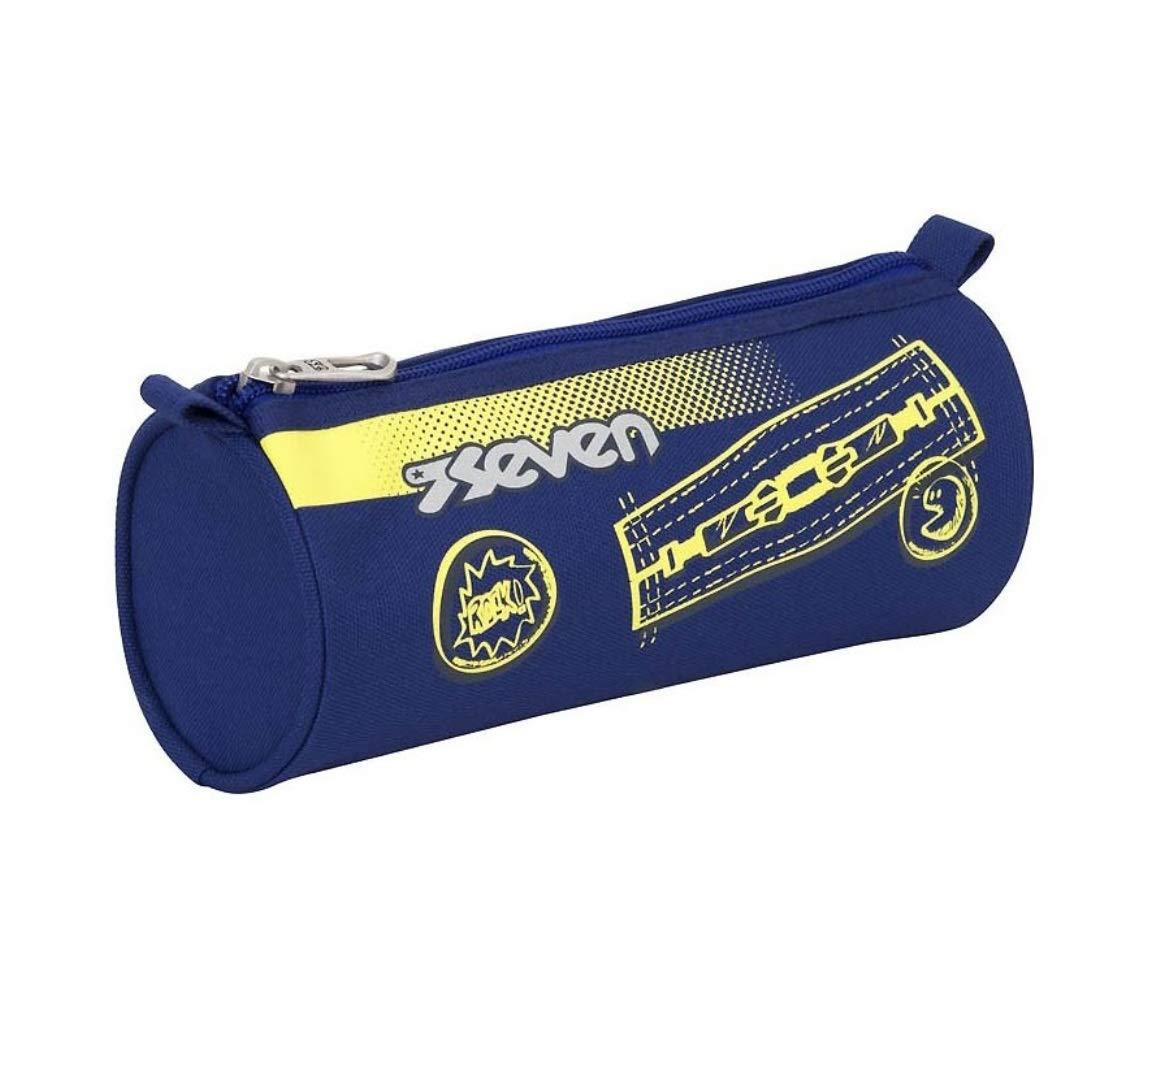 Estuche portalápices Seven Colorful Boy azul amarillo Caperucita + llavero silbato + bolígrafo de color